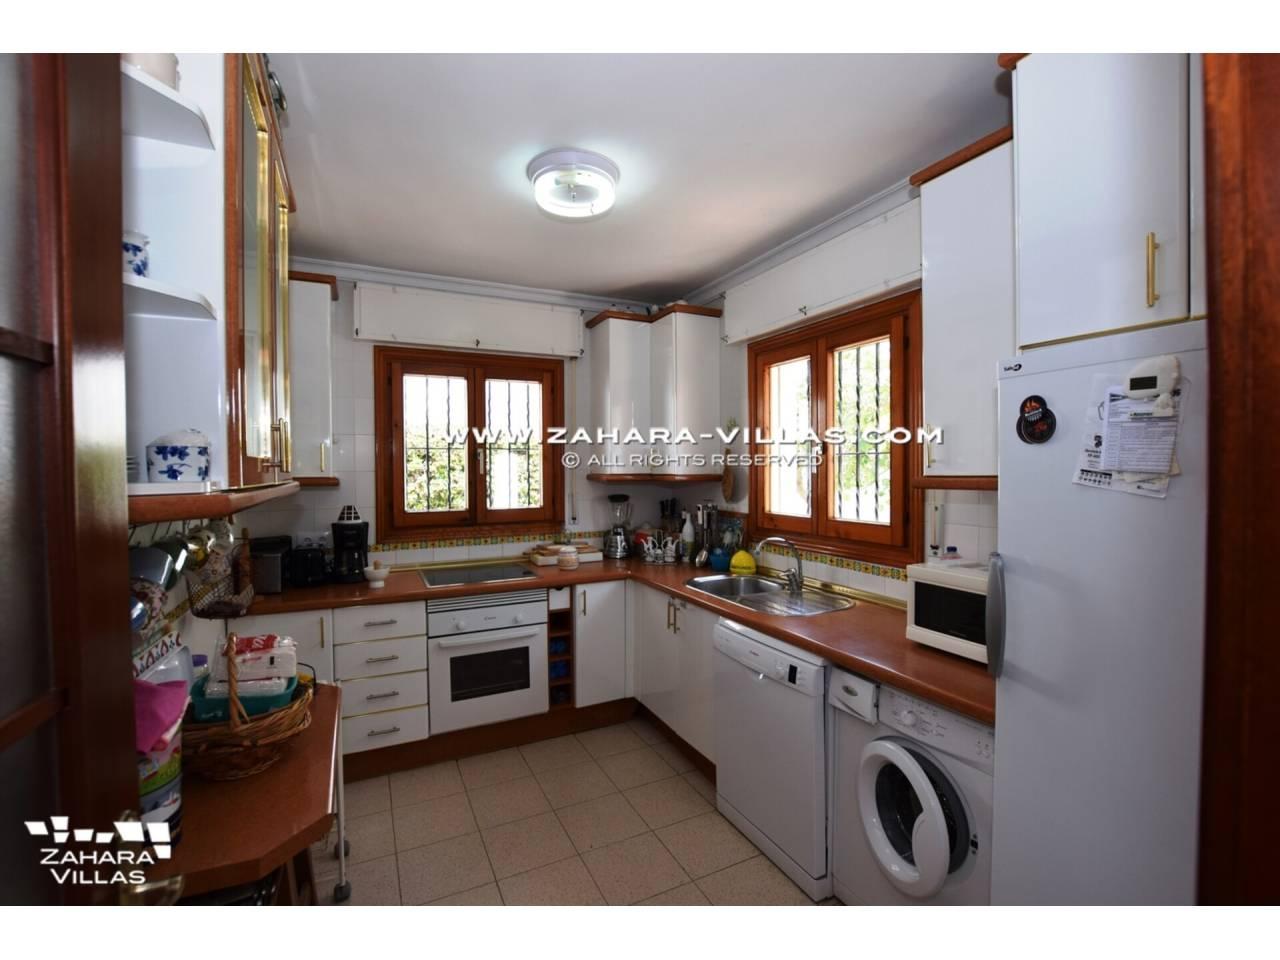 Imagen 16 de Casa en venta en segunda línea de playa, con vistas al mar en Zahara de los Atunes